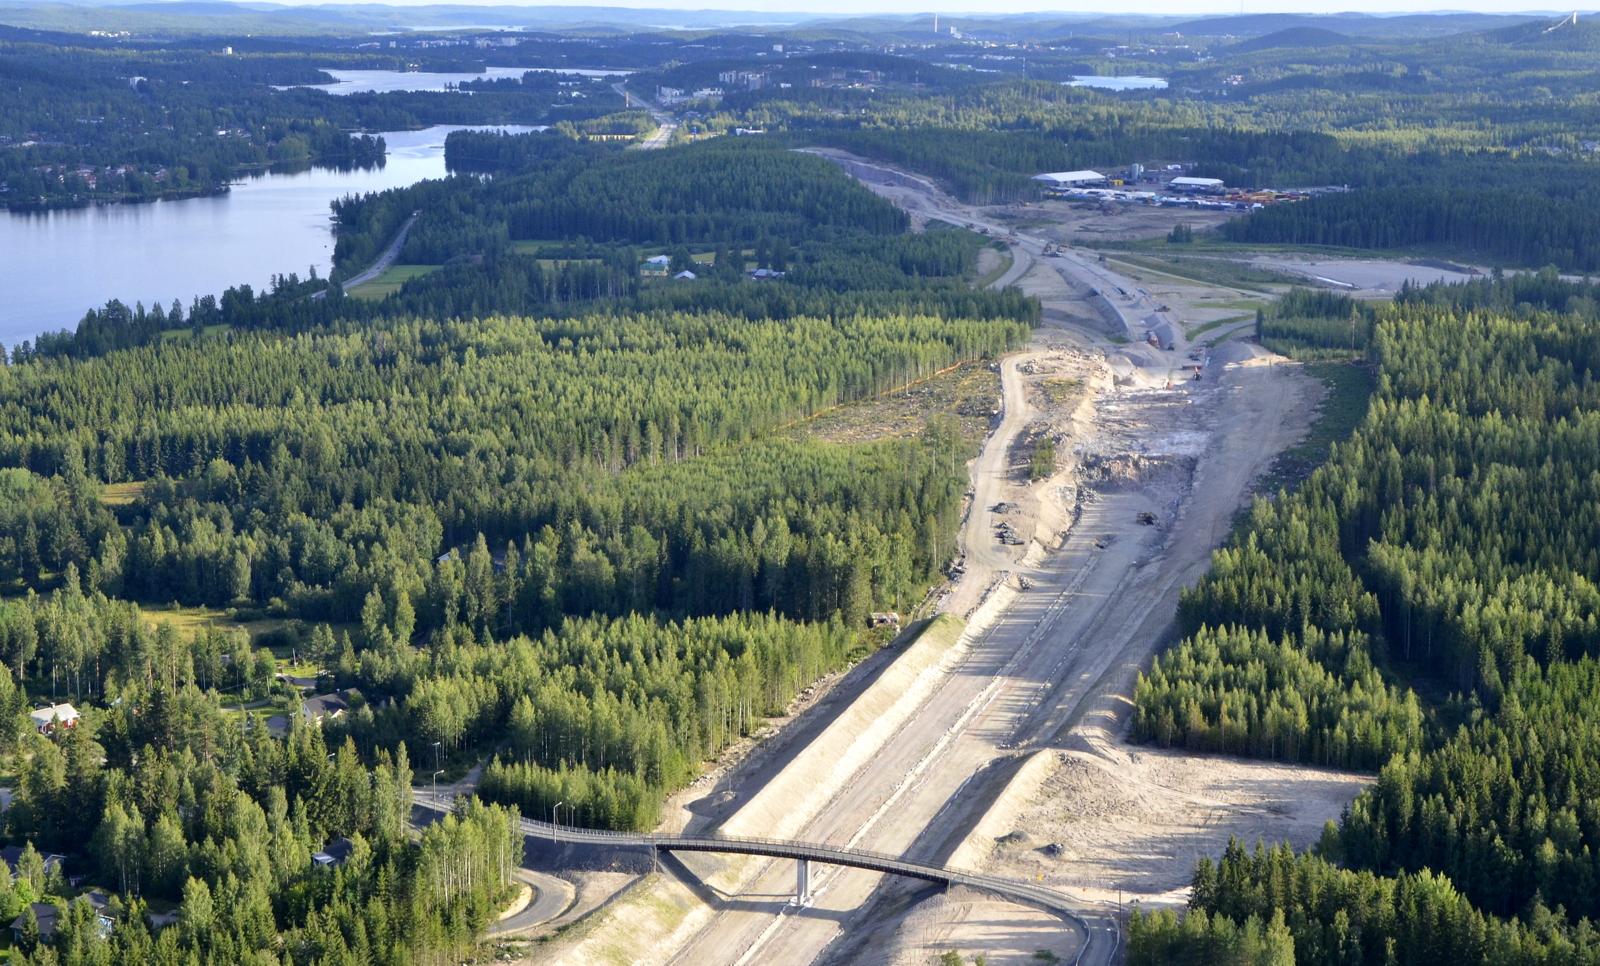 Moottoritien linjaus kallioisten mäkien halki. Siltaa pitkin pääsee mm. Laahanmäen as.alueelle.